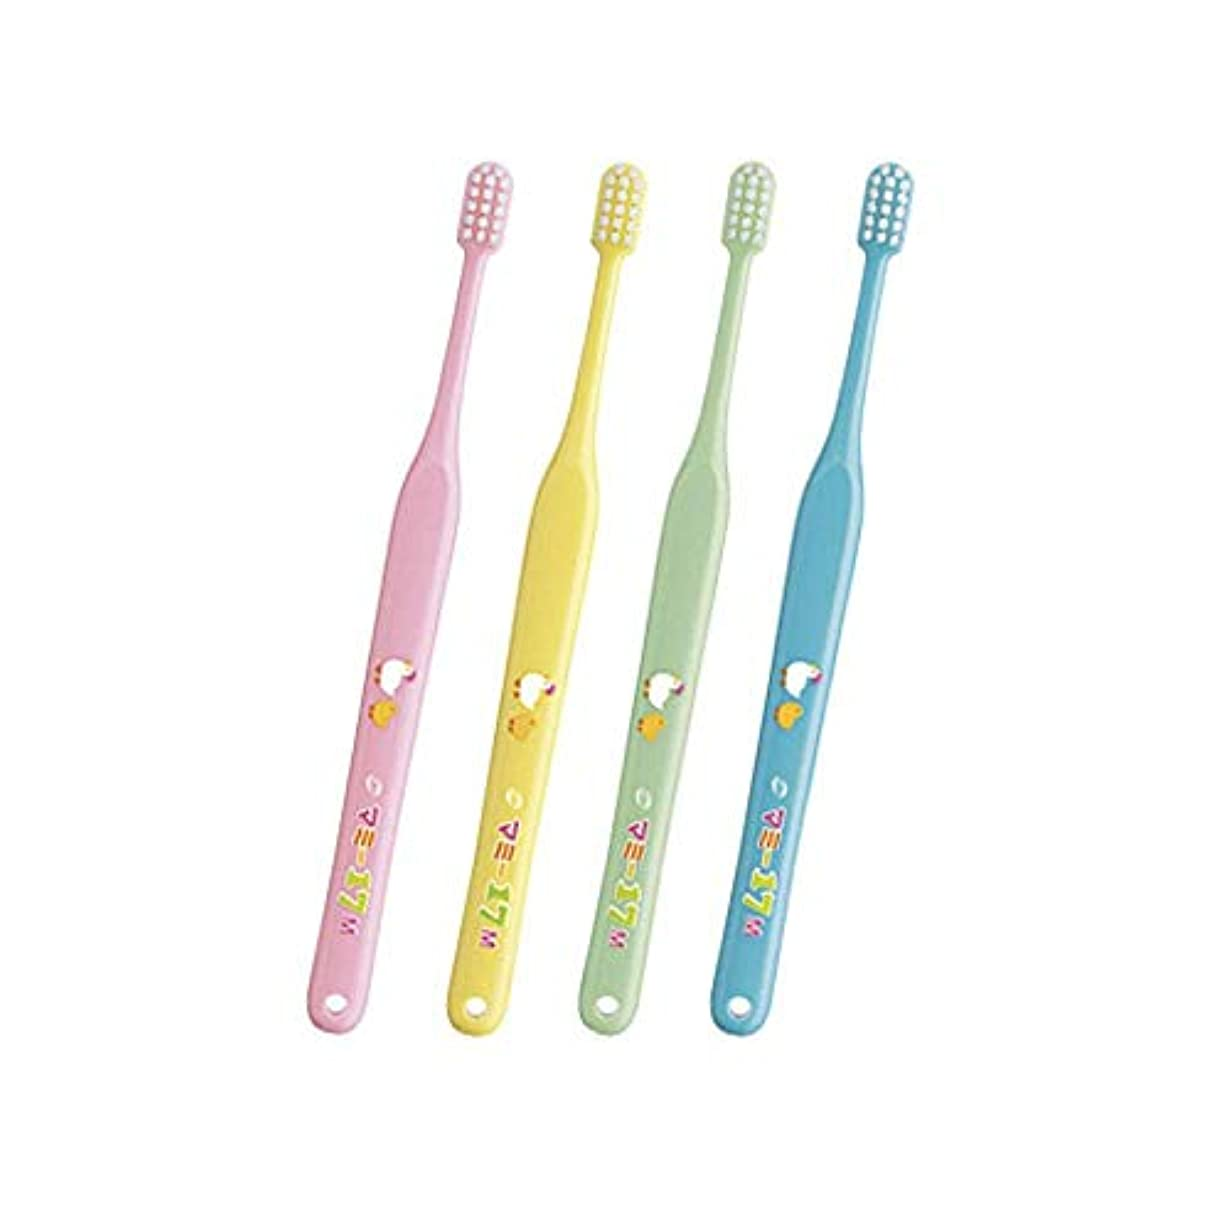 定数薬局適格オーラルケア マミー17歯ブラシ 10本 アソート ミディアム(M)